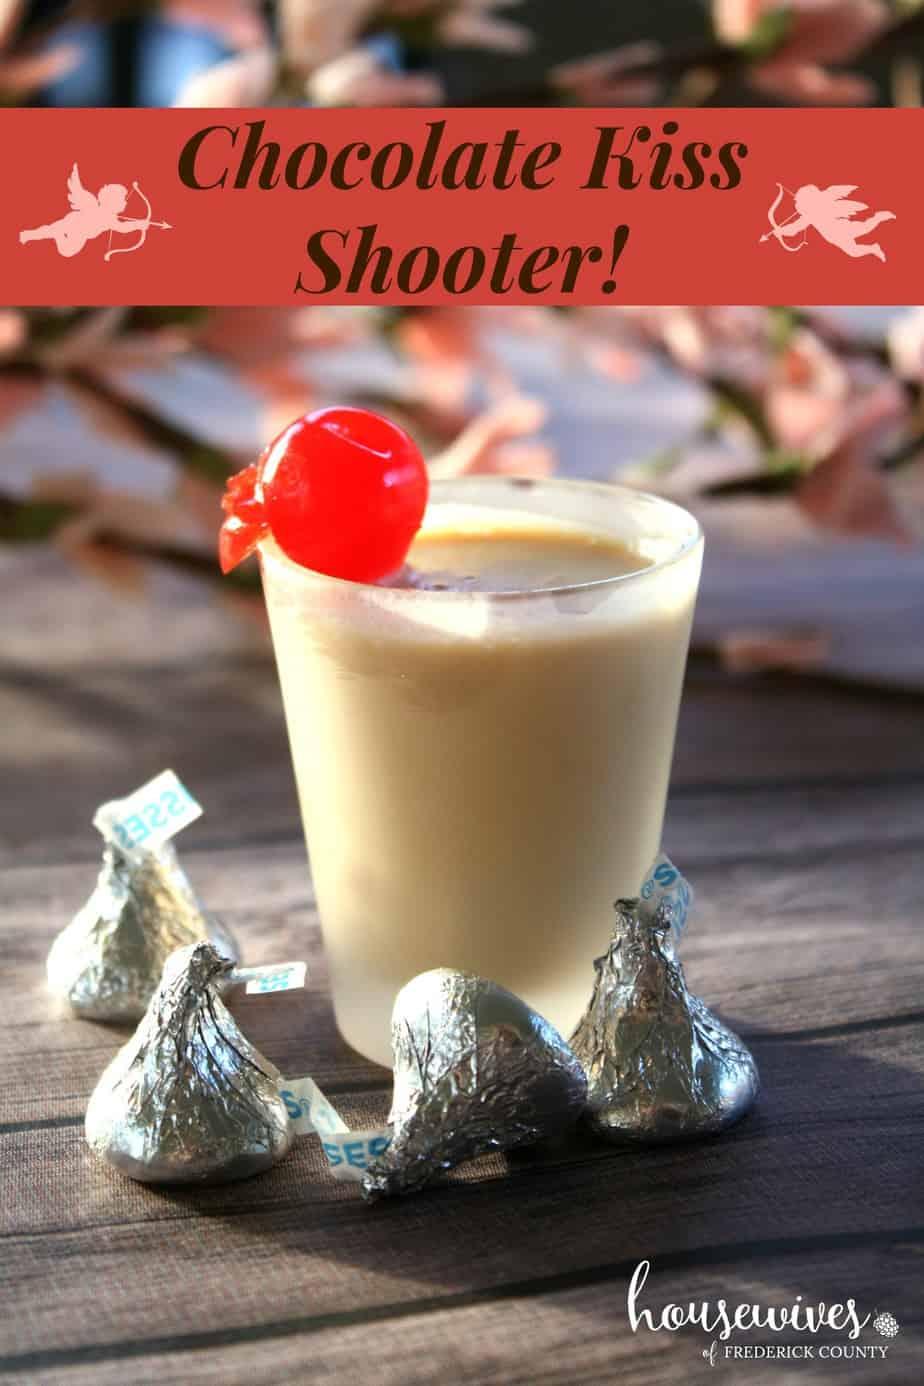 Chocolate Kiss Shooter!